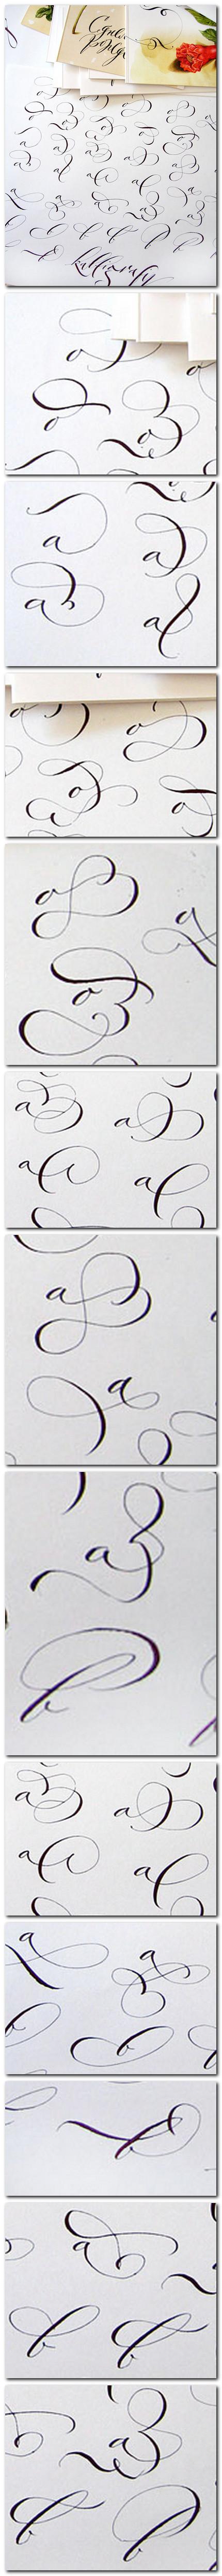 Exercitii pentru decoratii (swashes) caligrafice - Marina Marjina